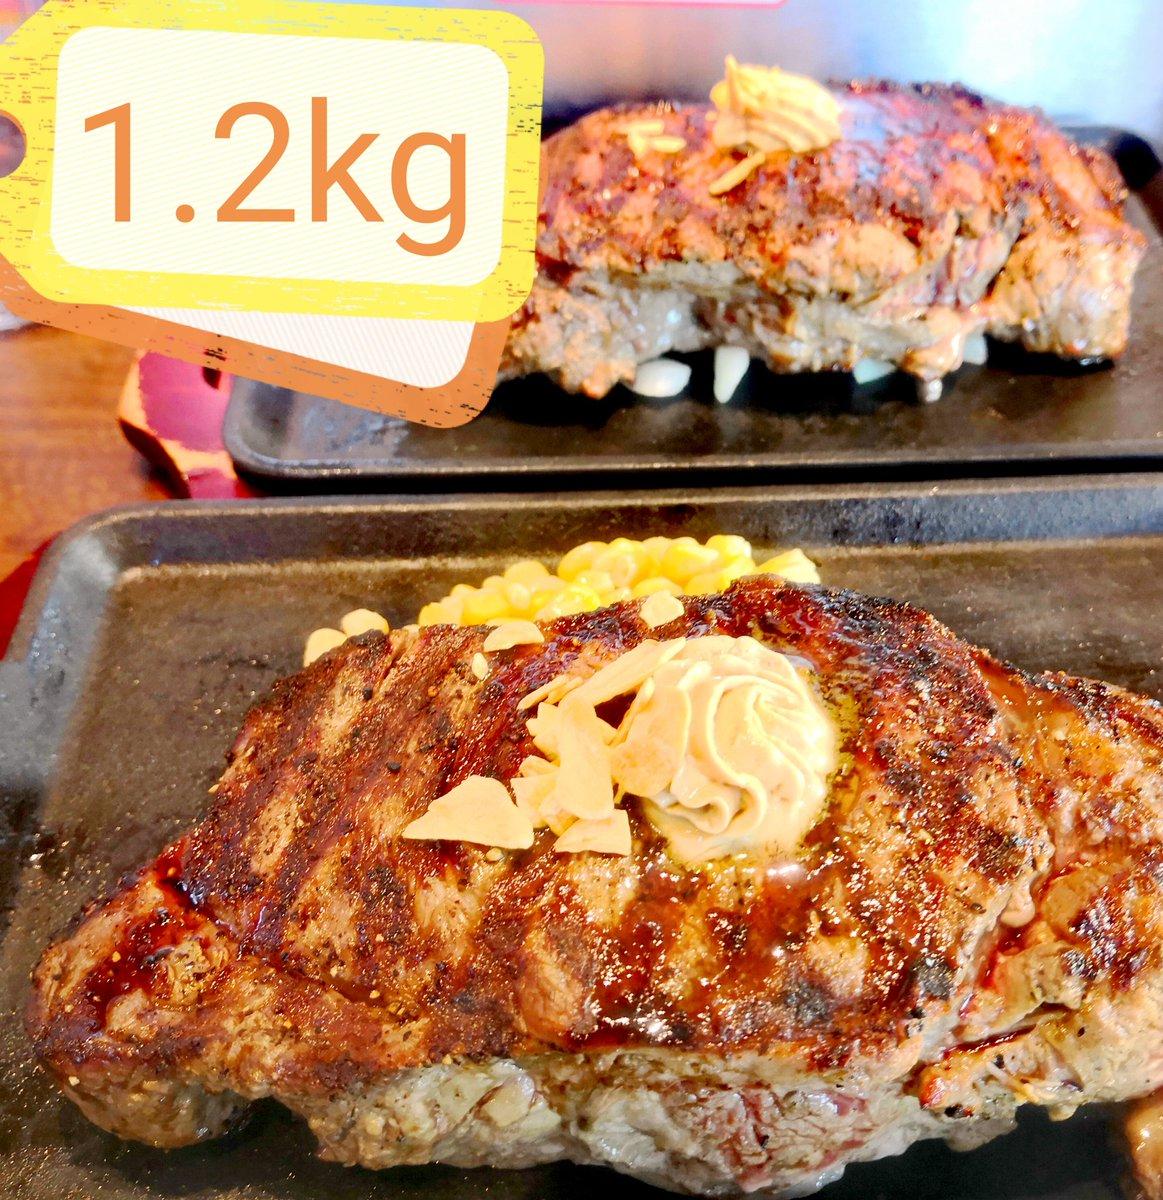 いつぞやの動画で食べる羽目になった肉1kgになりますご査収下さいなんか量増えてますけど、誤差です。